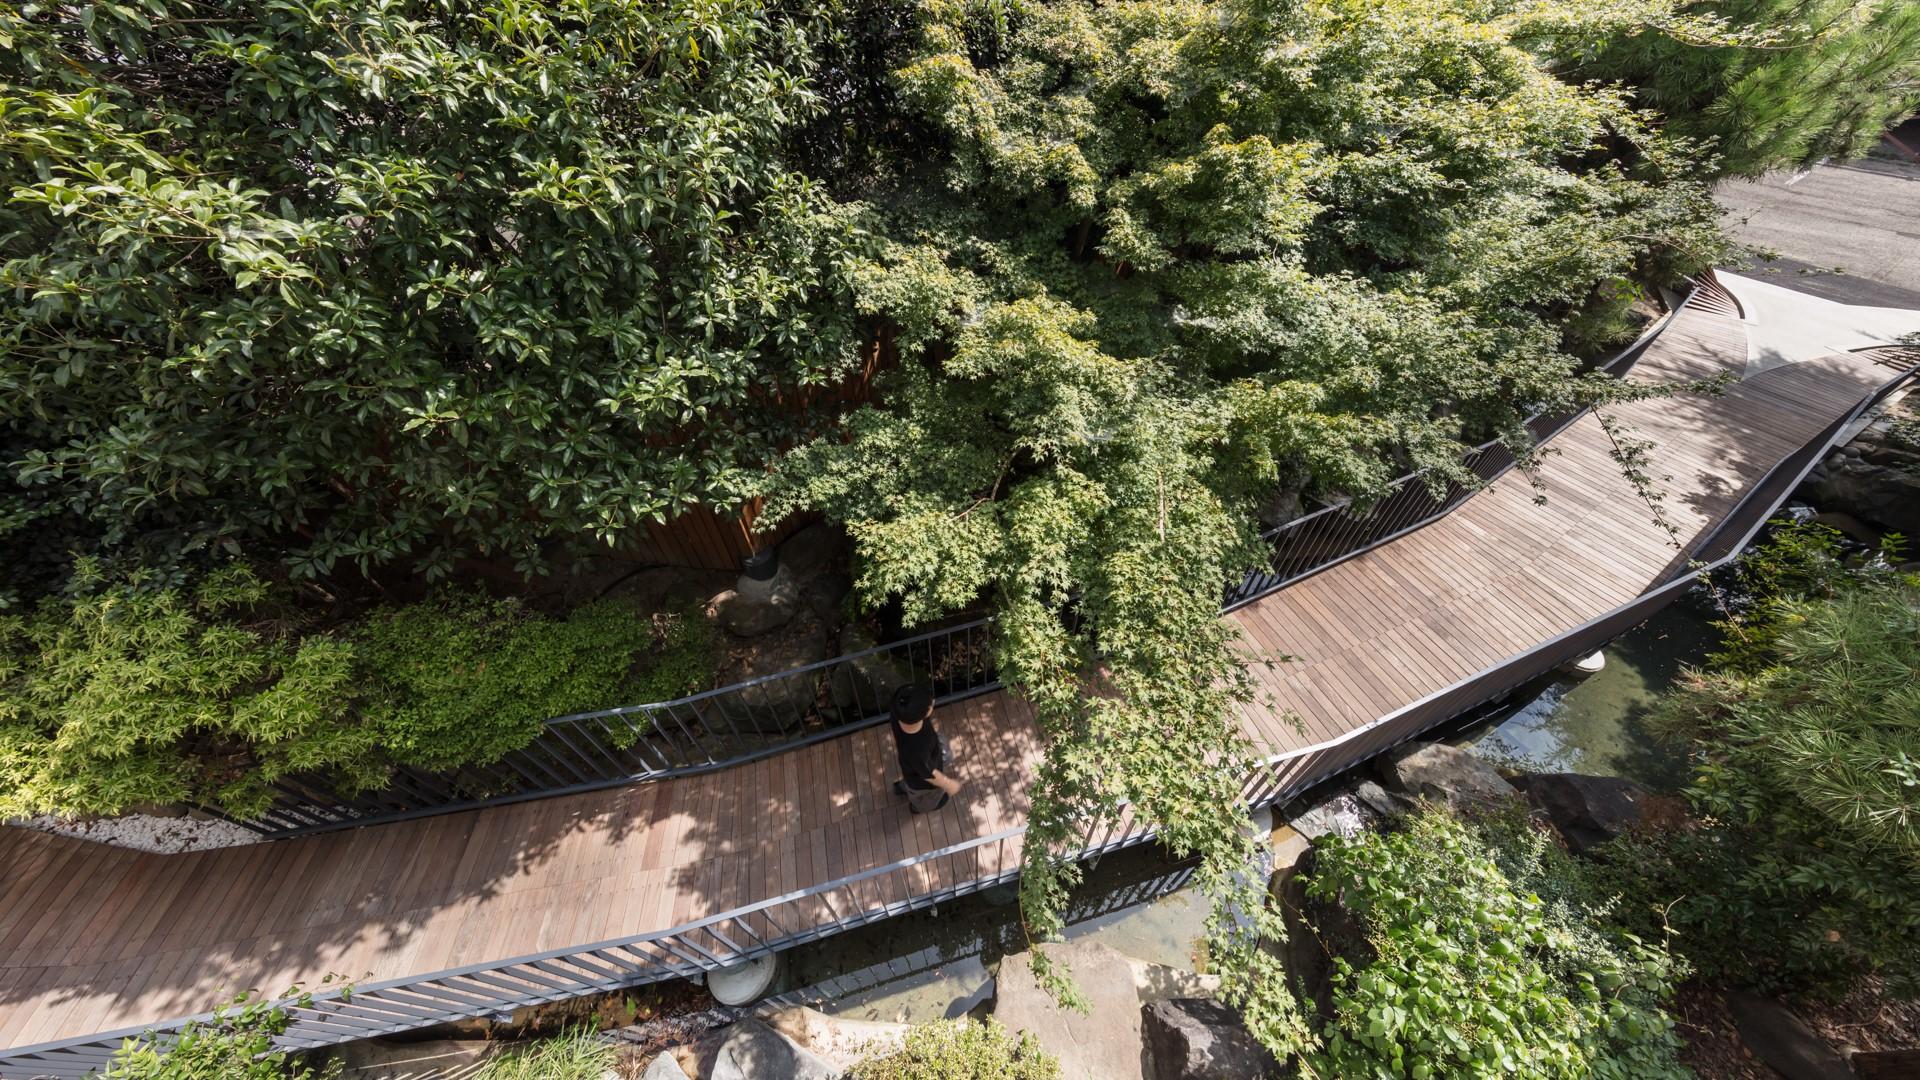 富士野屋旅館のメインエントランスと繋がる橋の画像